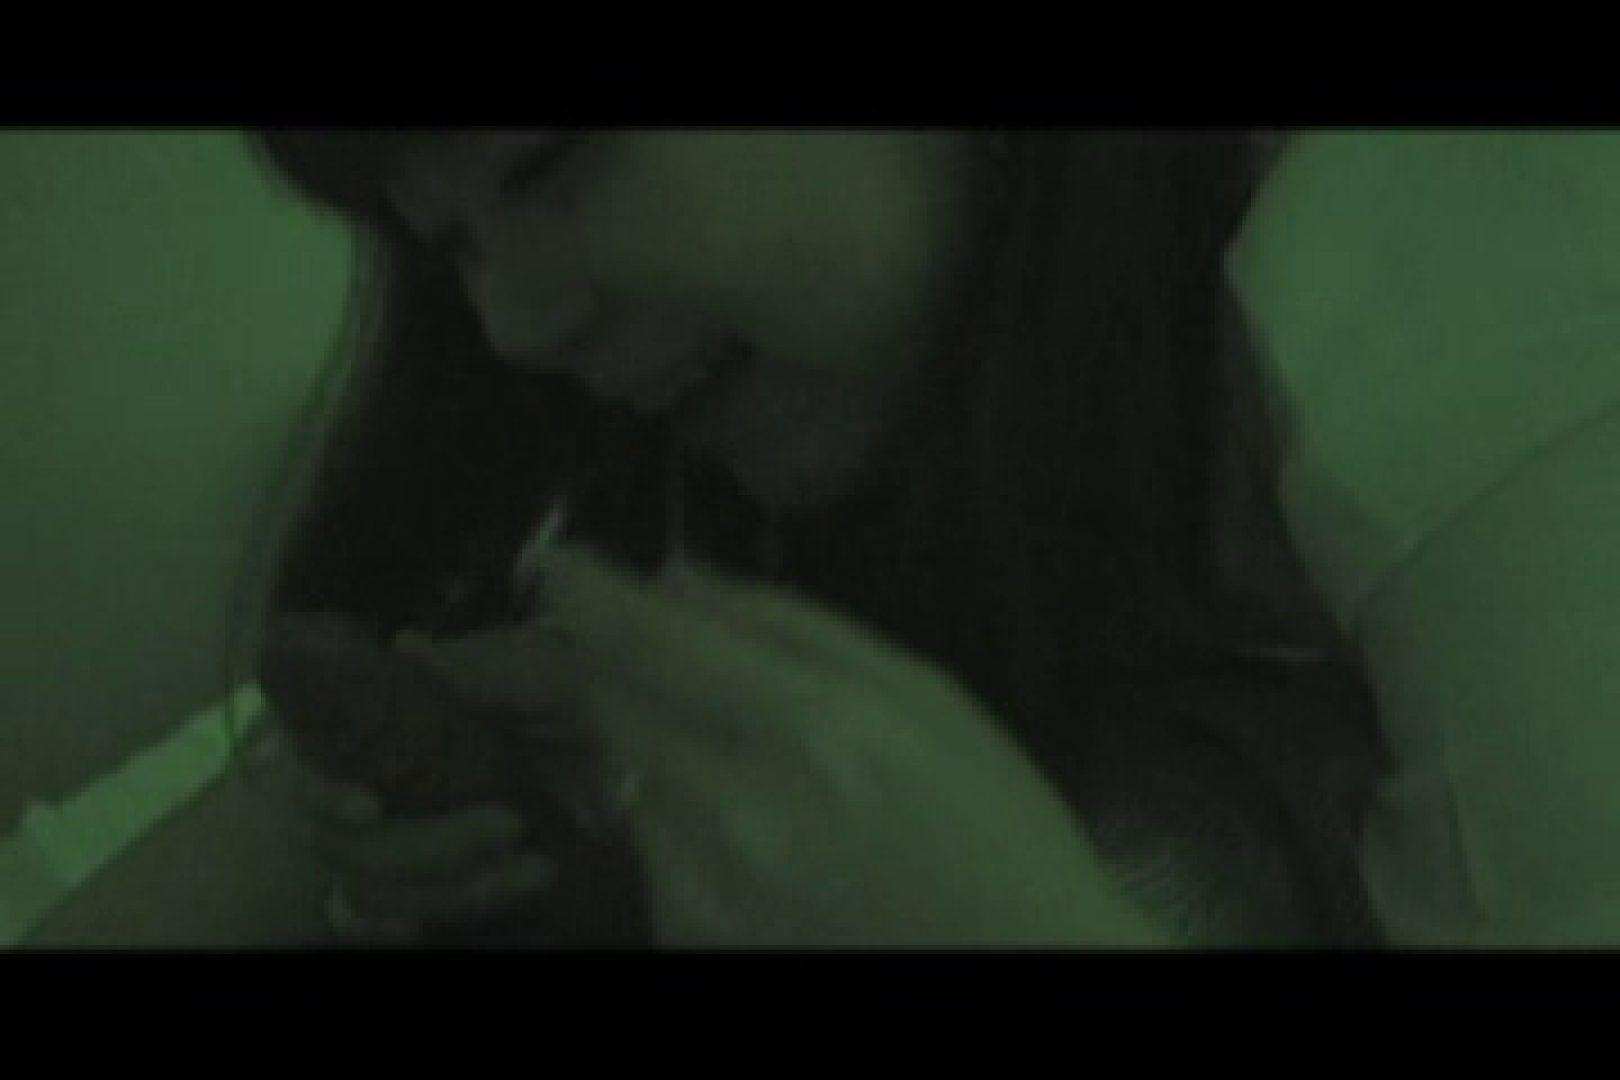 ヤリマンと呼ばれた看護士さんvol3 フェラ のぞき動画画像 41連発 17